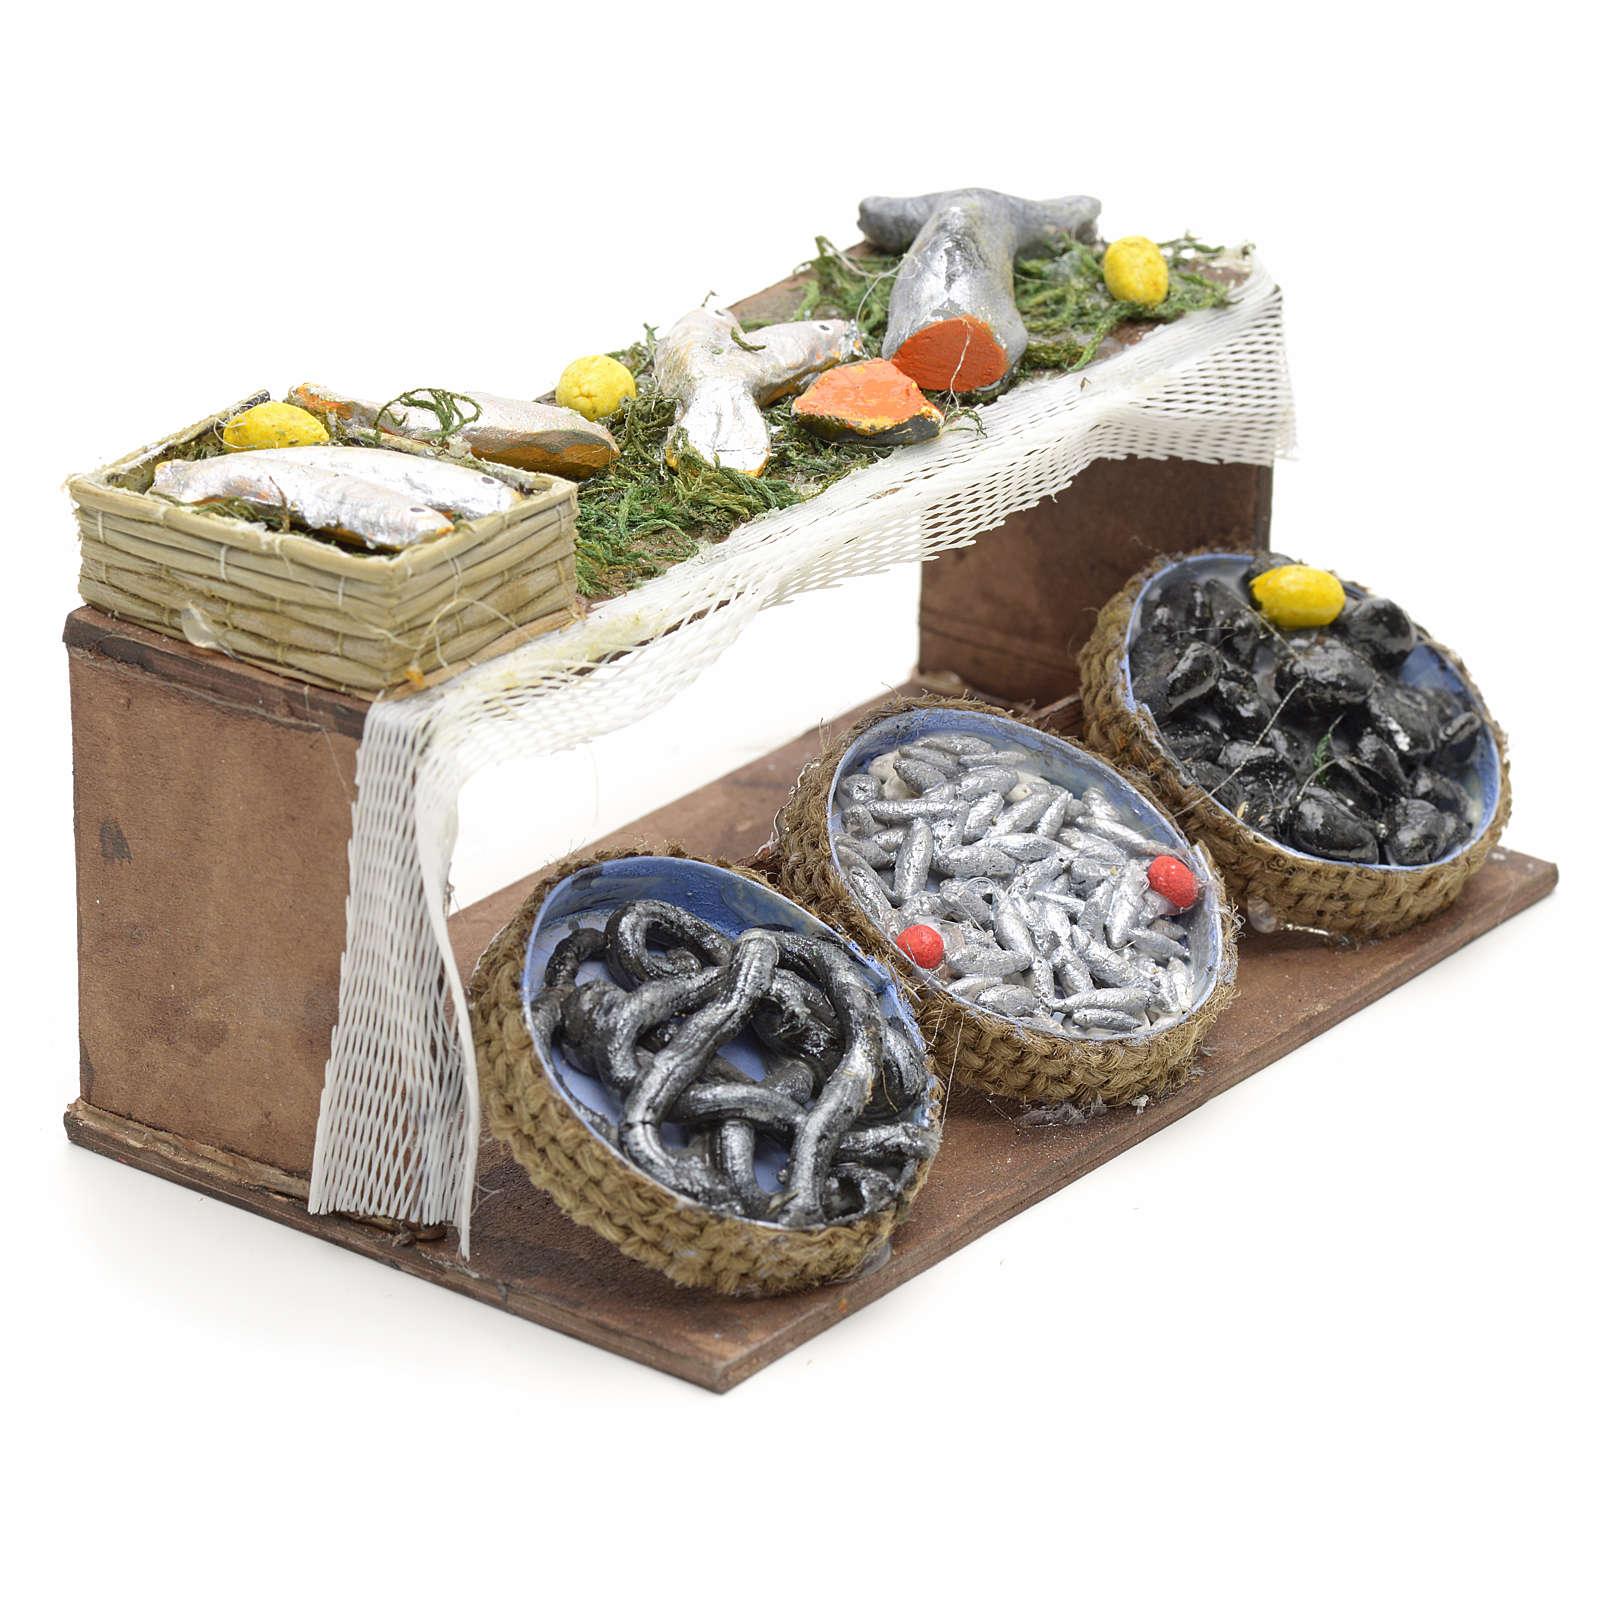 Banco de pescado pesebre napolitano 4x11x6,5cm 4